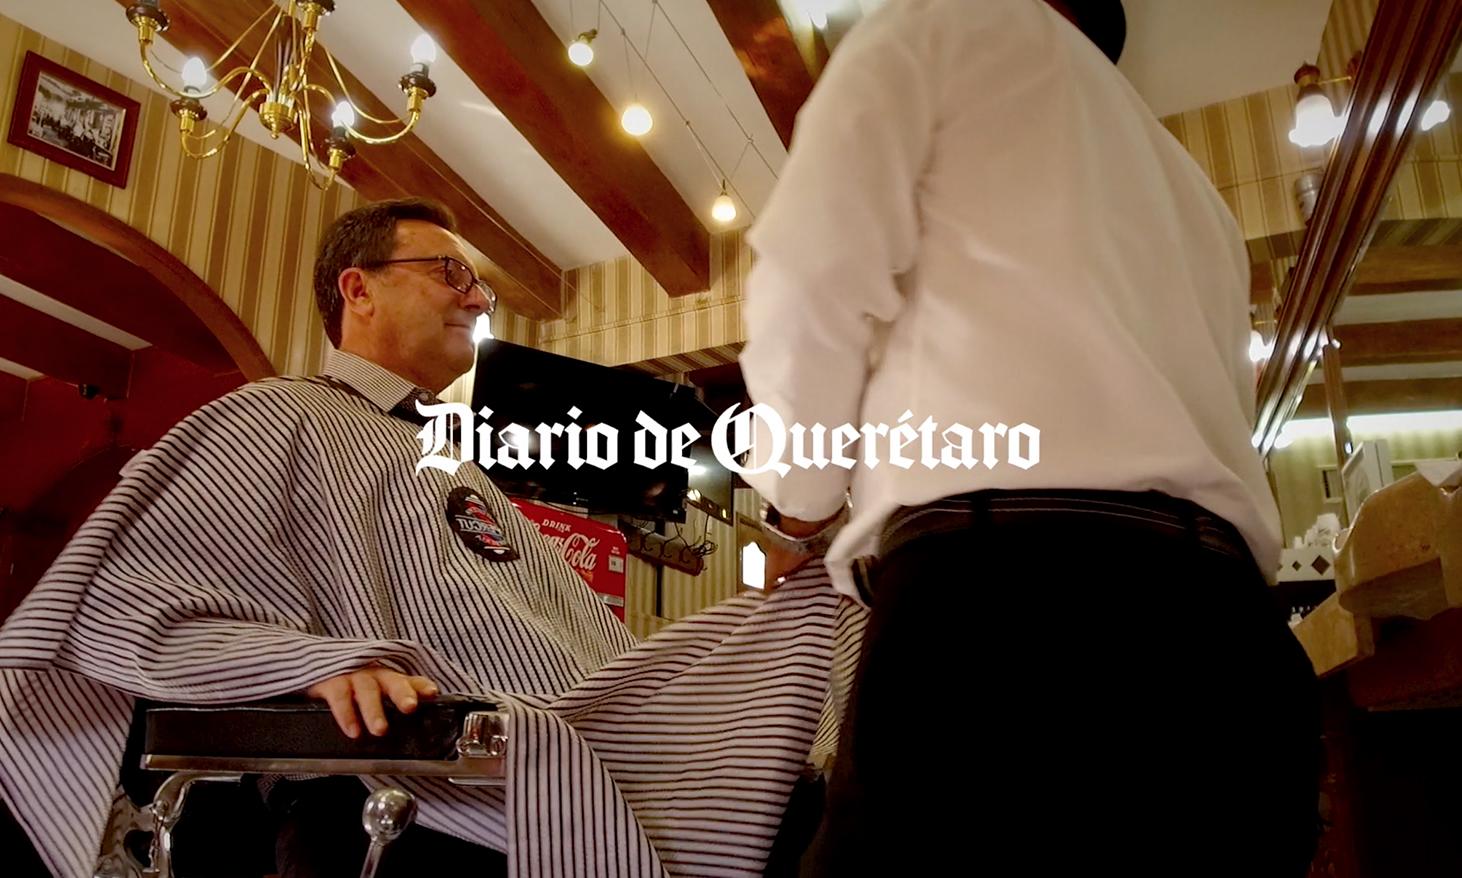 Storytelling 55 Aniversario Diario de Querétaro